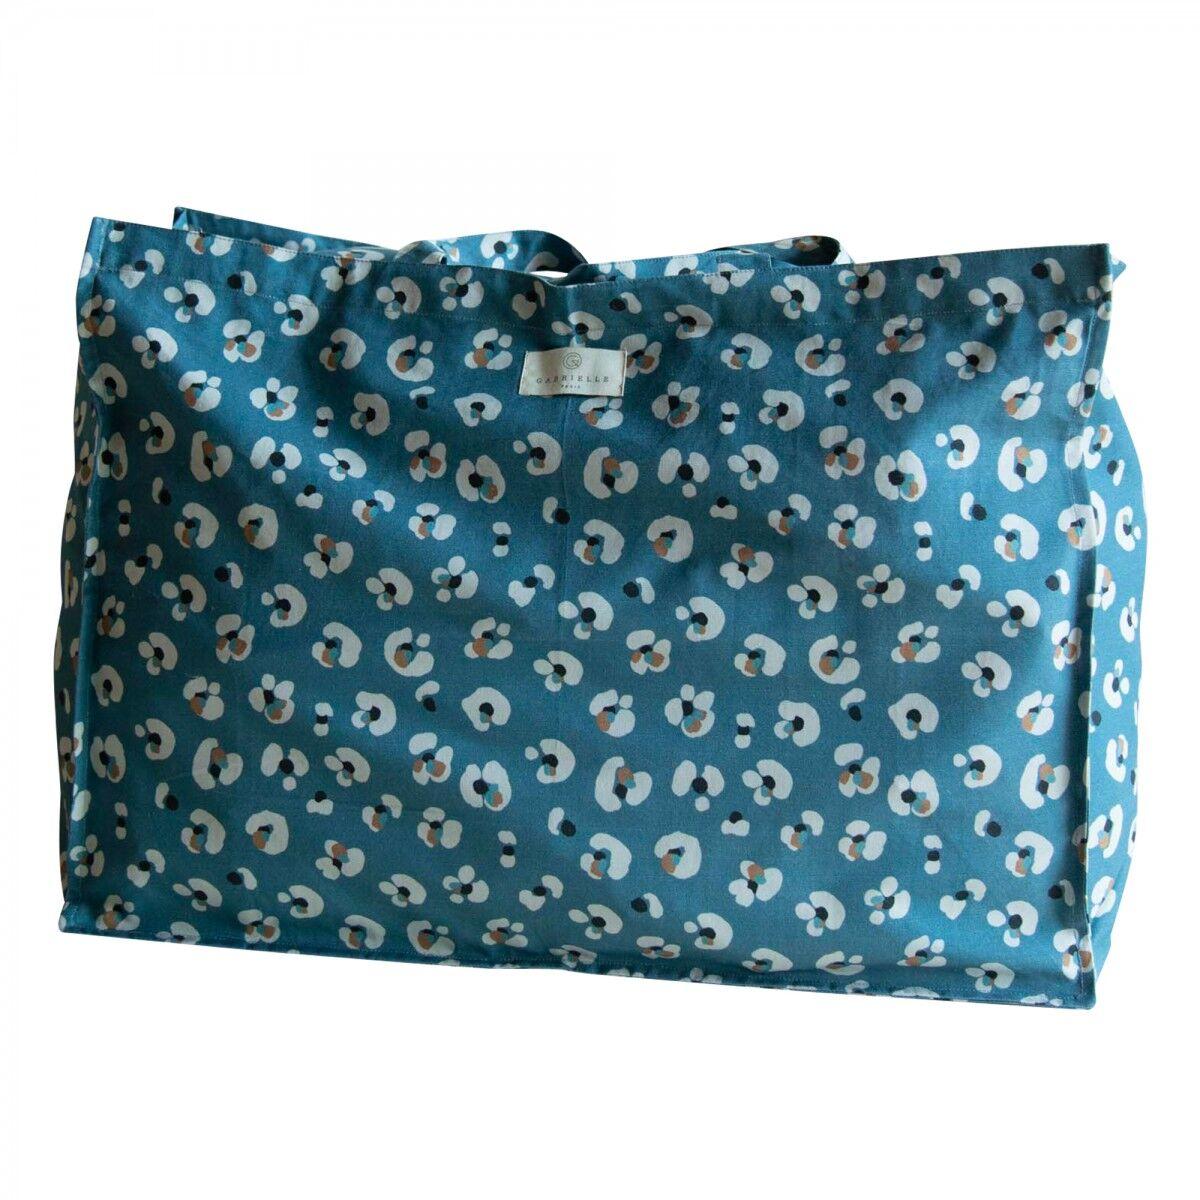 Gabrielle Paris Sac cabas en coton imprimé léopard bleu foncé